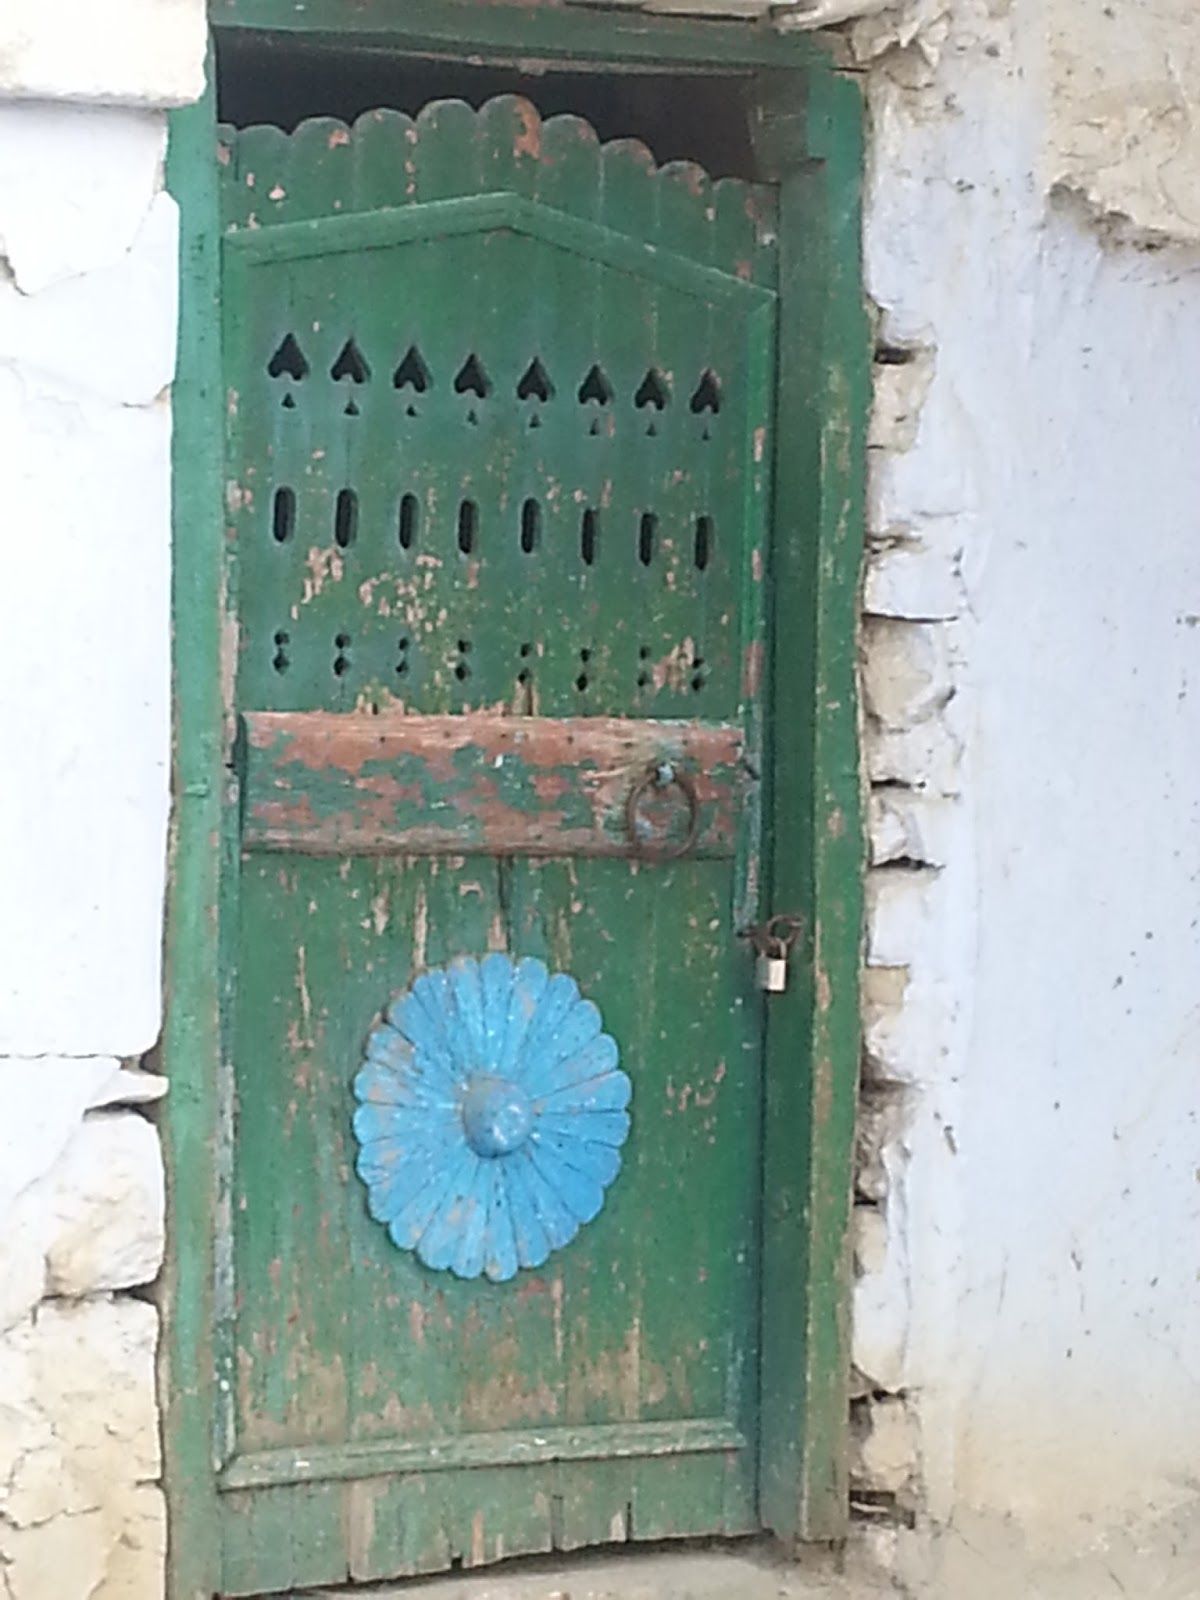 Hans lilla gröna: dagbok från ukrainska vägar 10